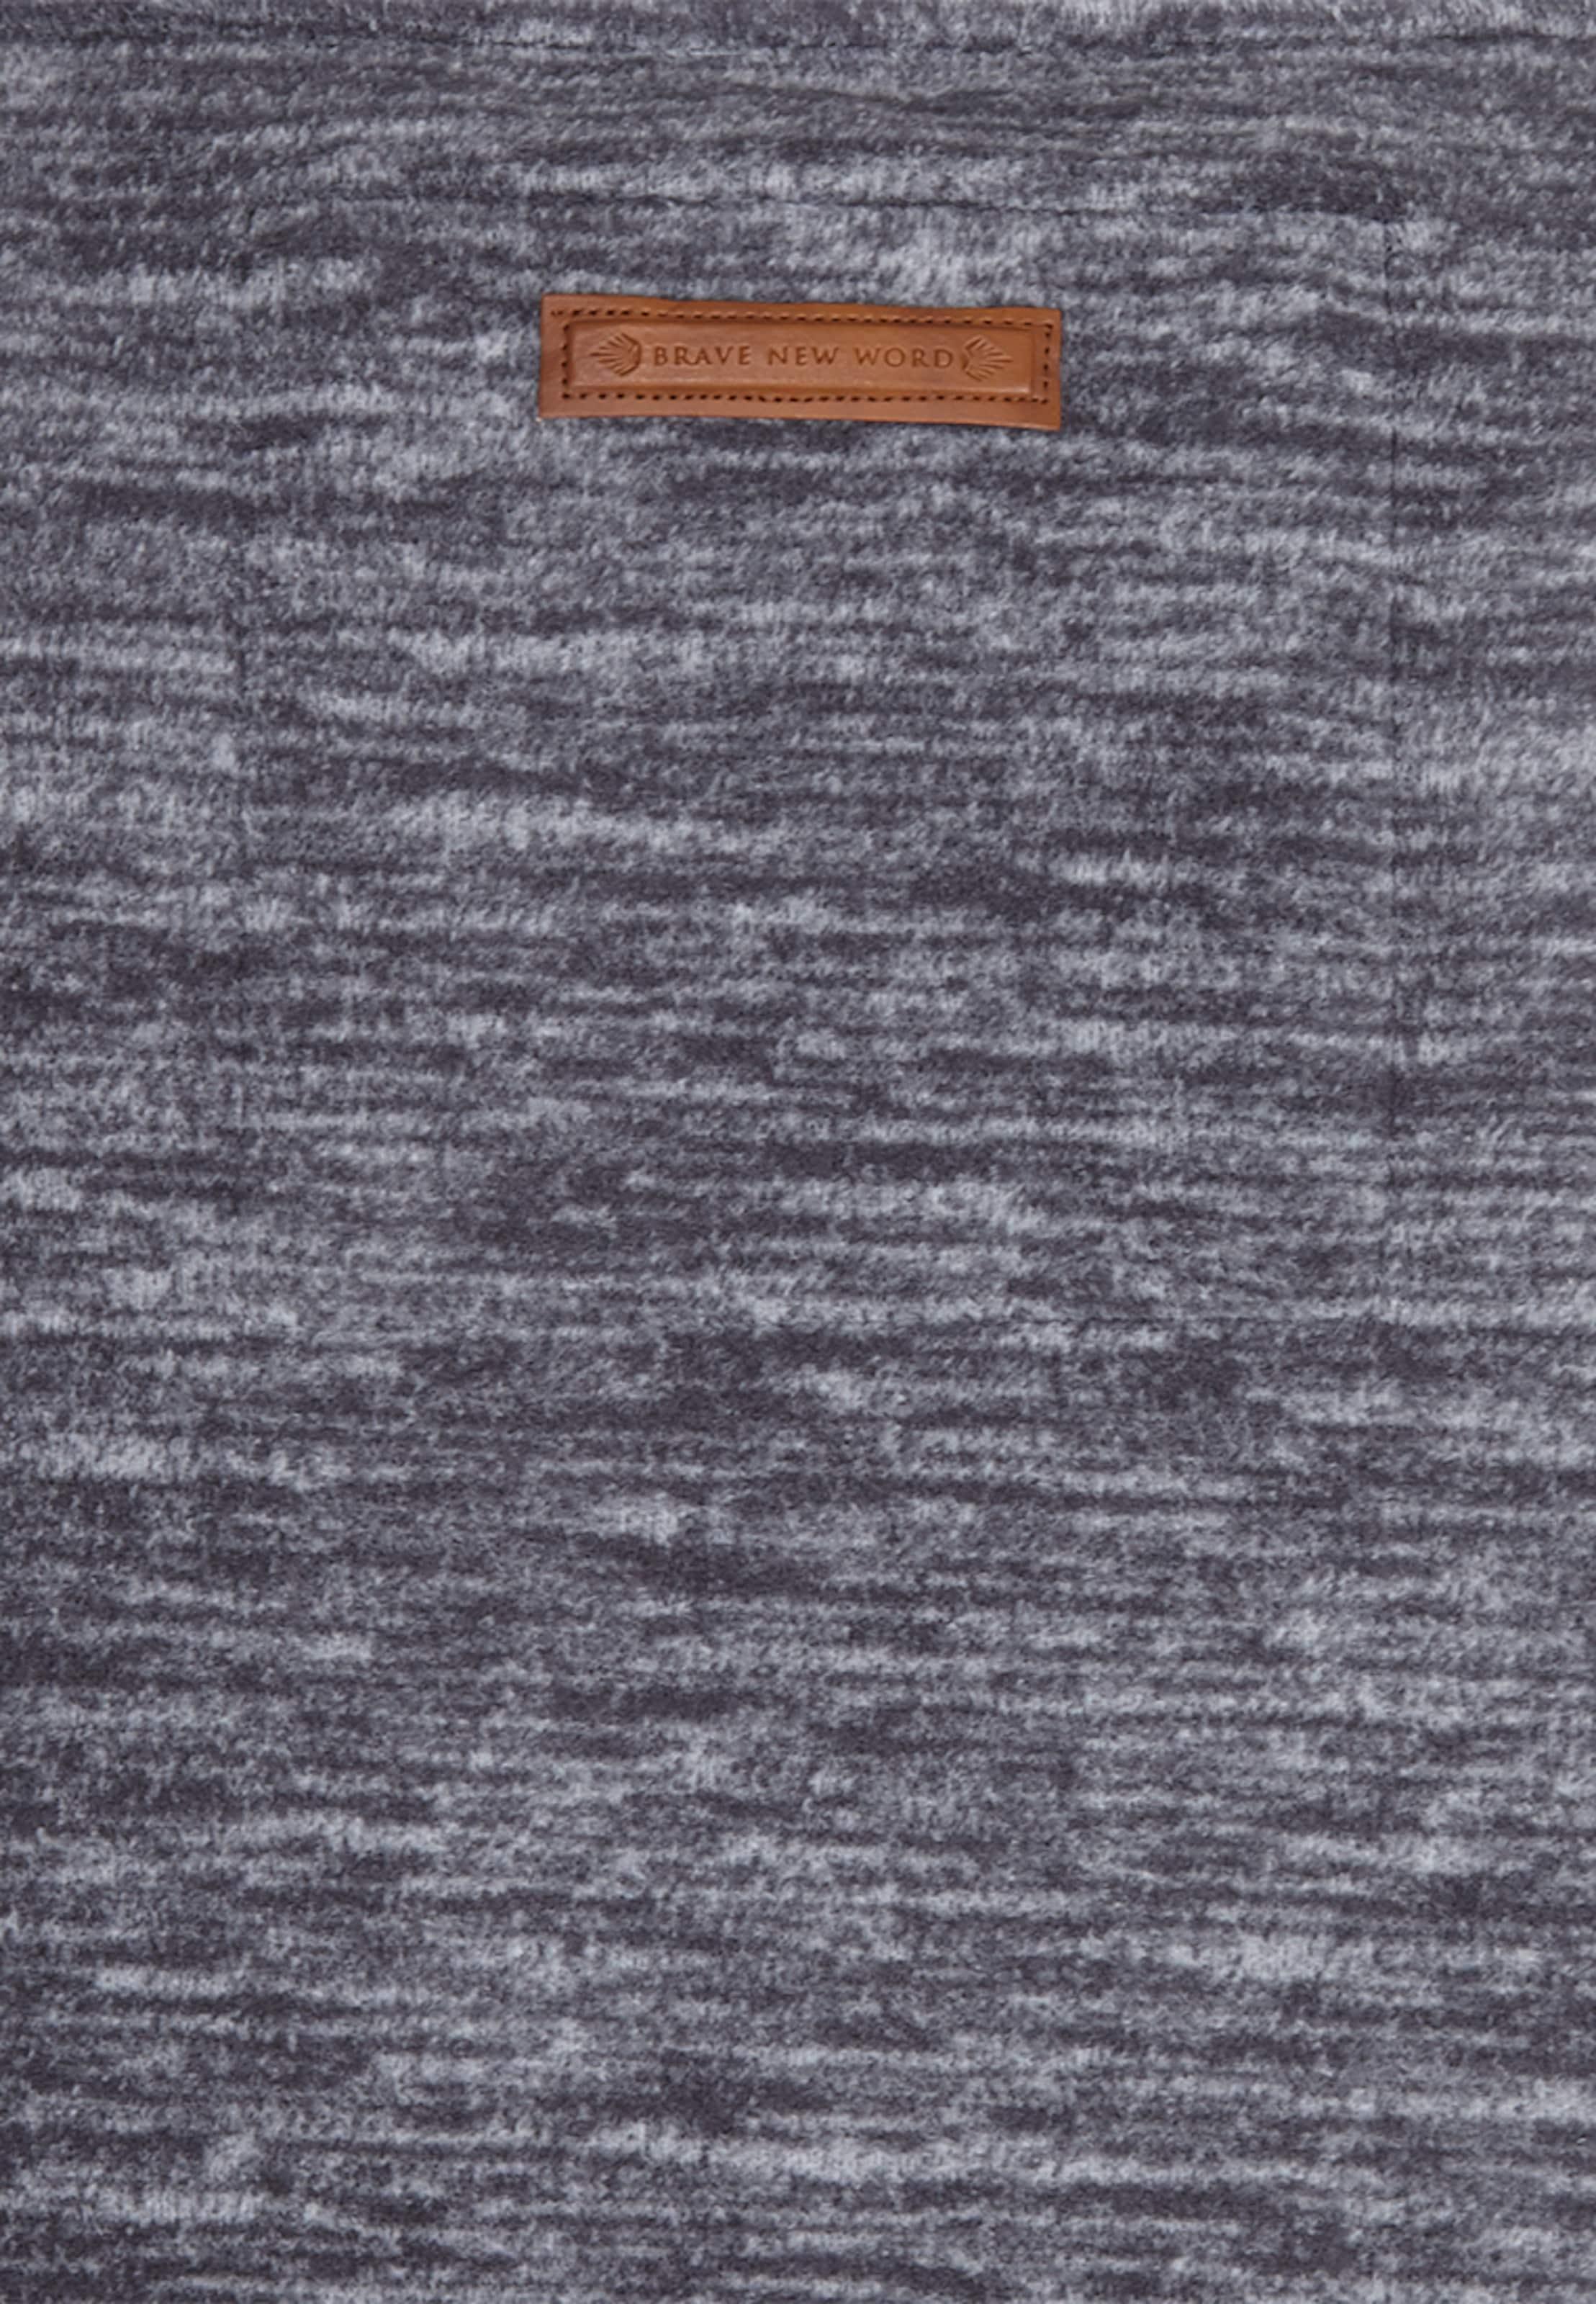 2018 Neue naketano Male Zipped Jacket Billig Verkauf Gut Verkaufen Billige Echte IblHB2Ue